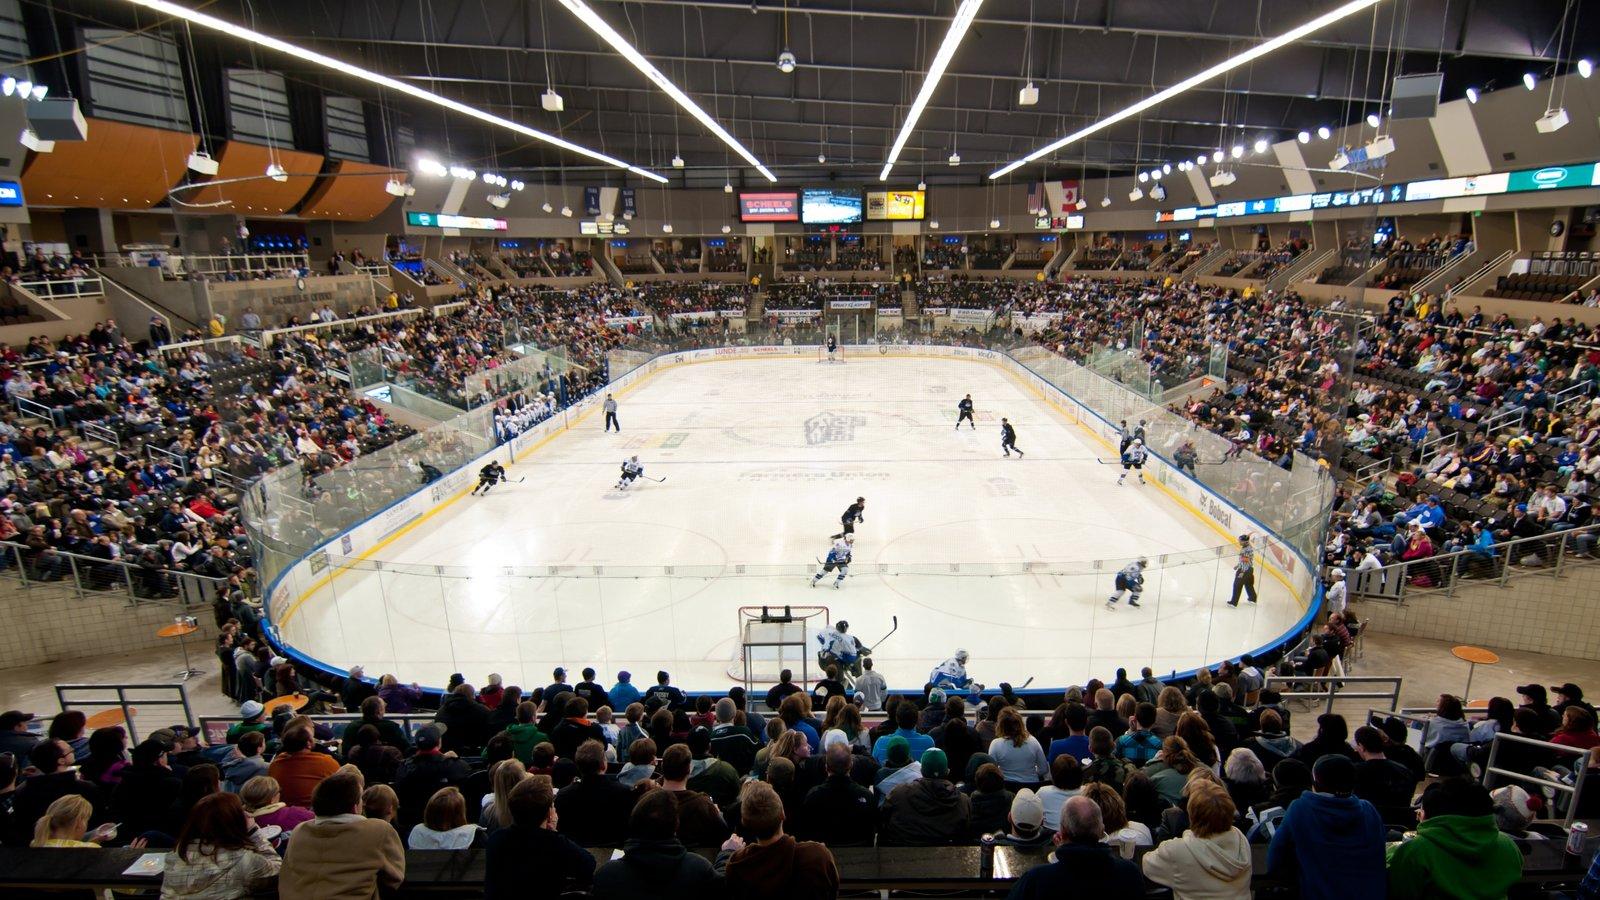 Fargo mostrando um evento desportivo e vistas internas assim como um grande grupo de pessoas